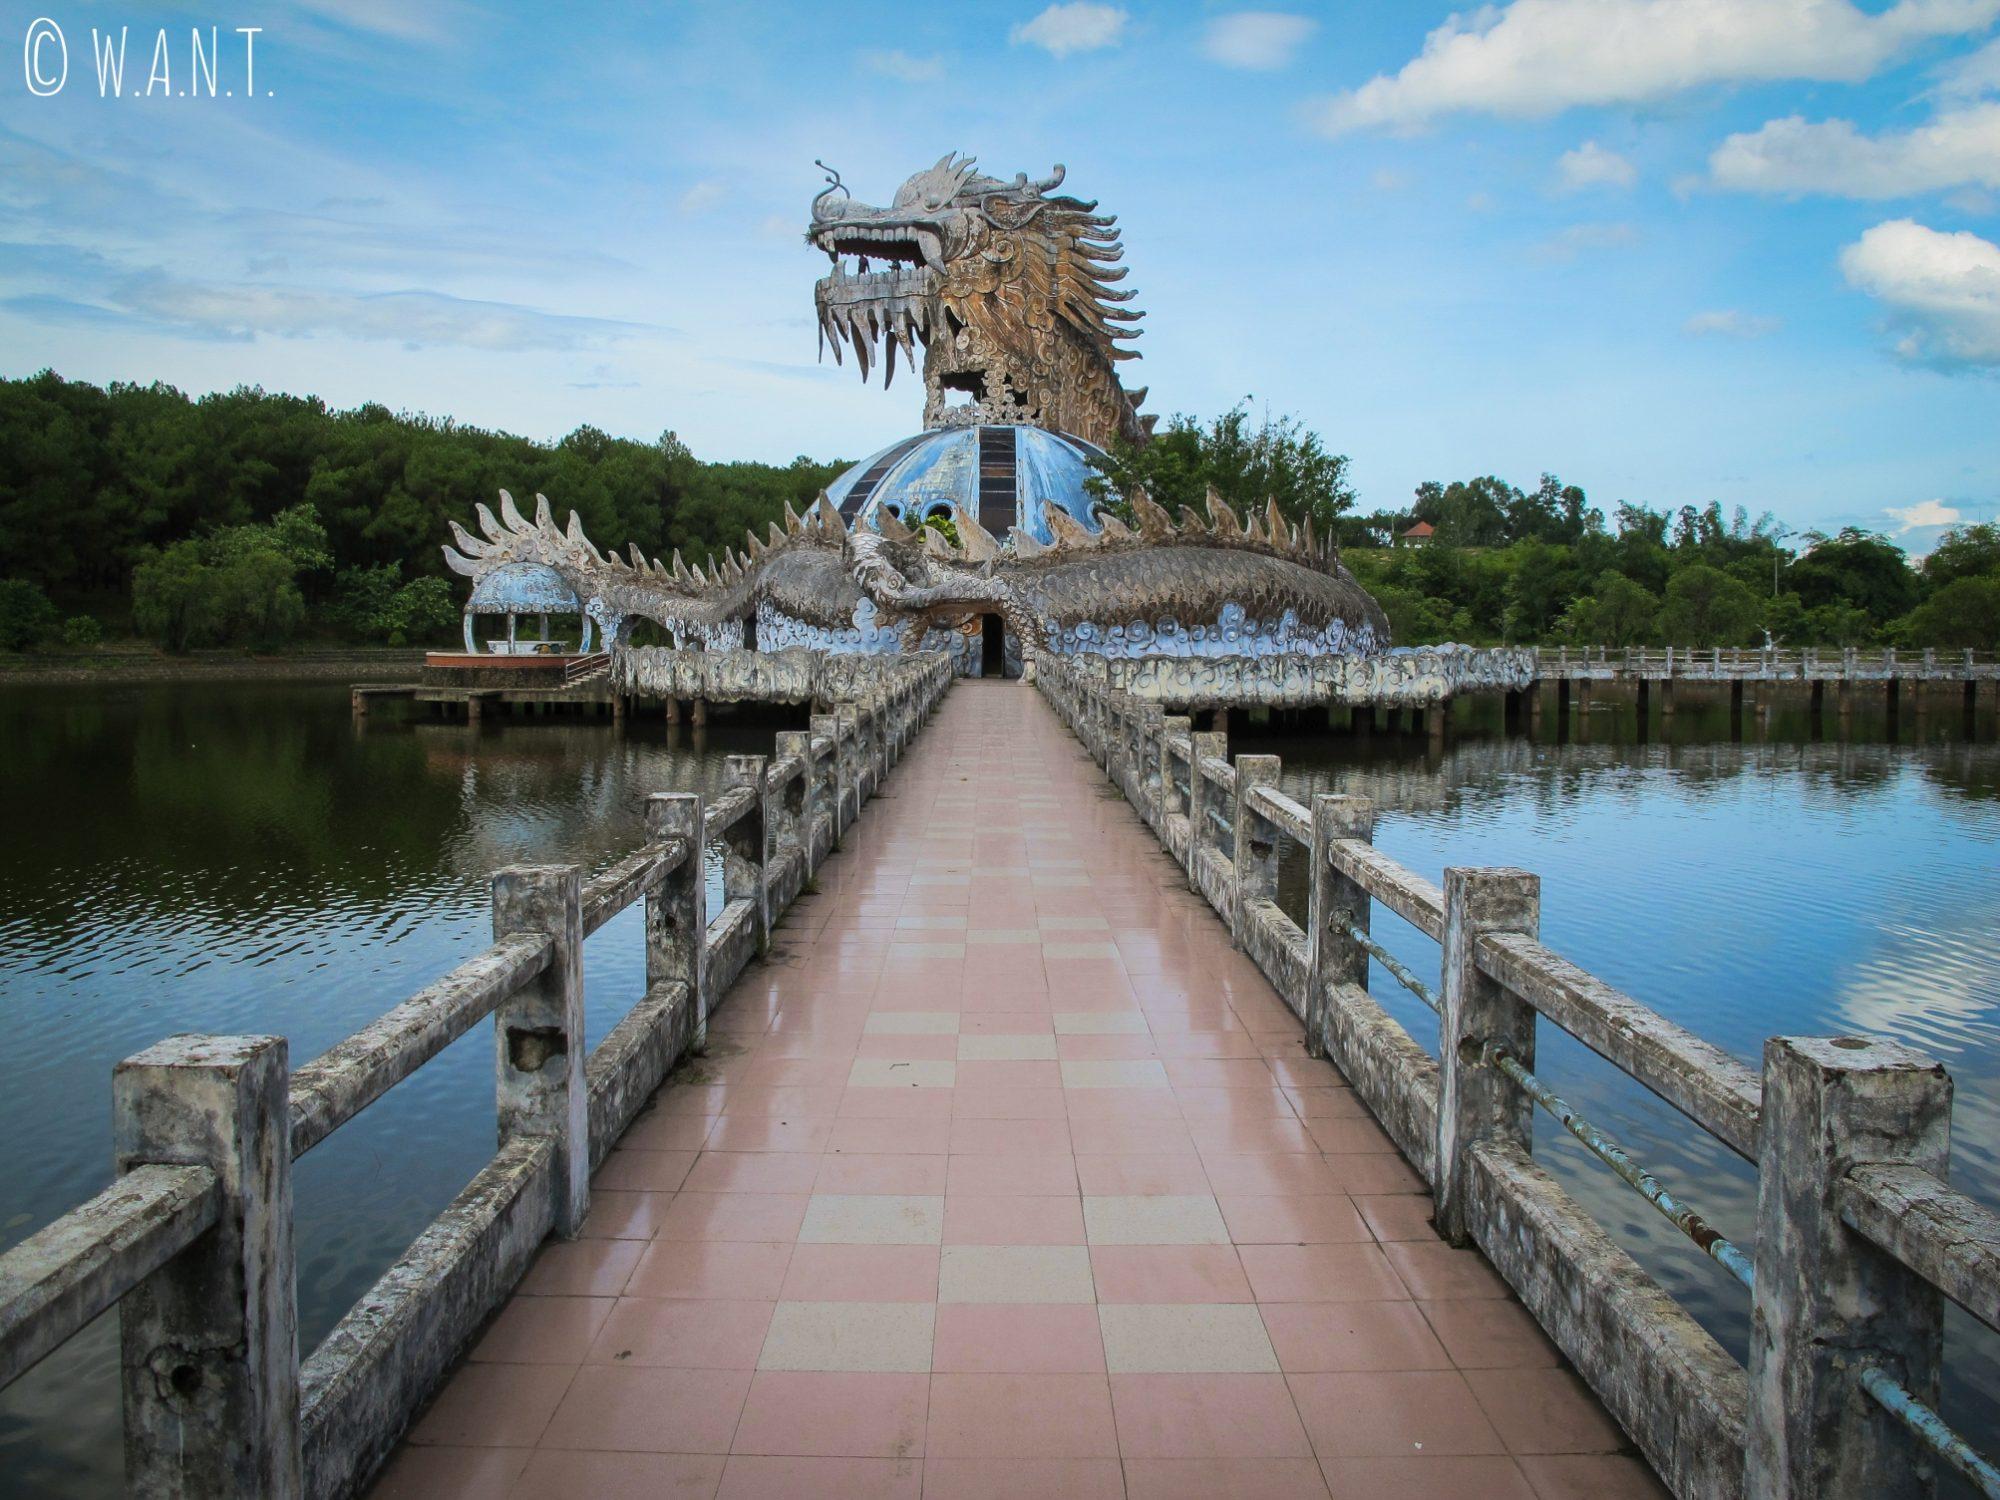 Dragon géant au parc aquatique abandonné de Ho Thuy Tien